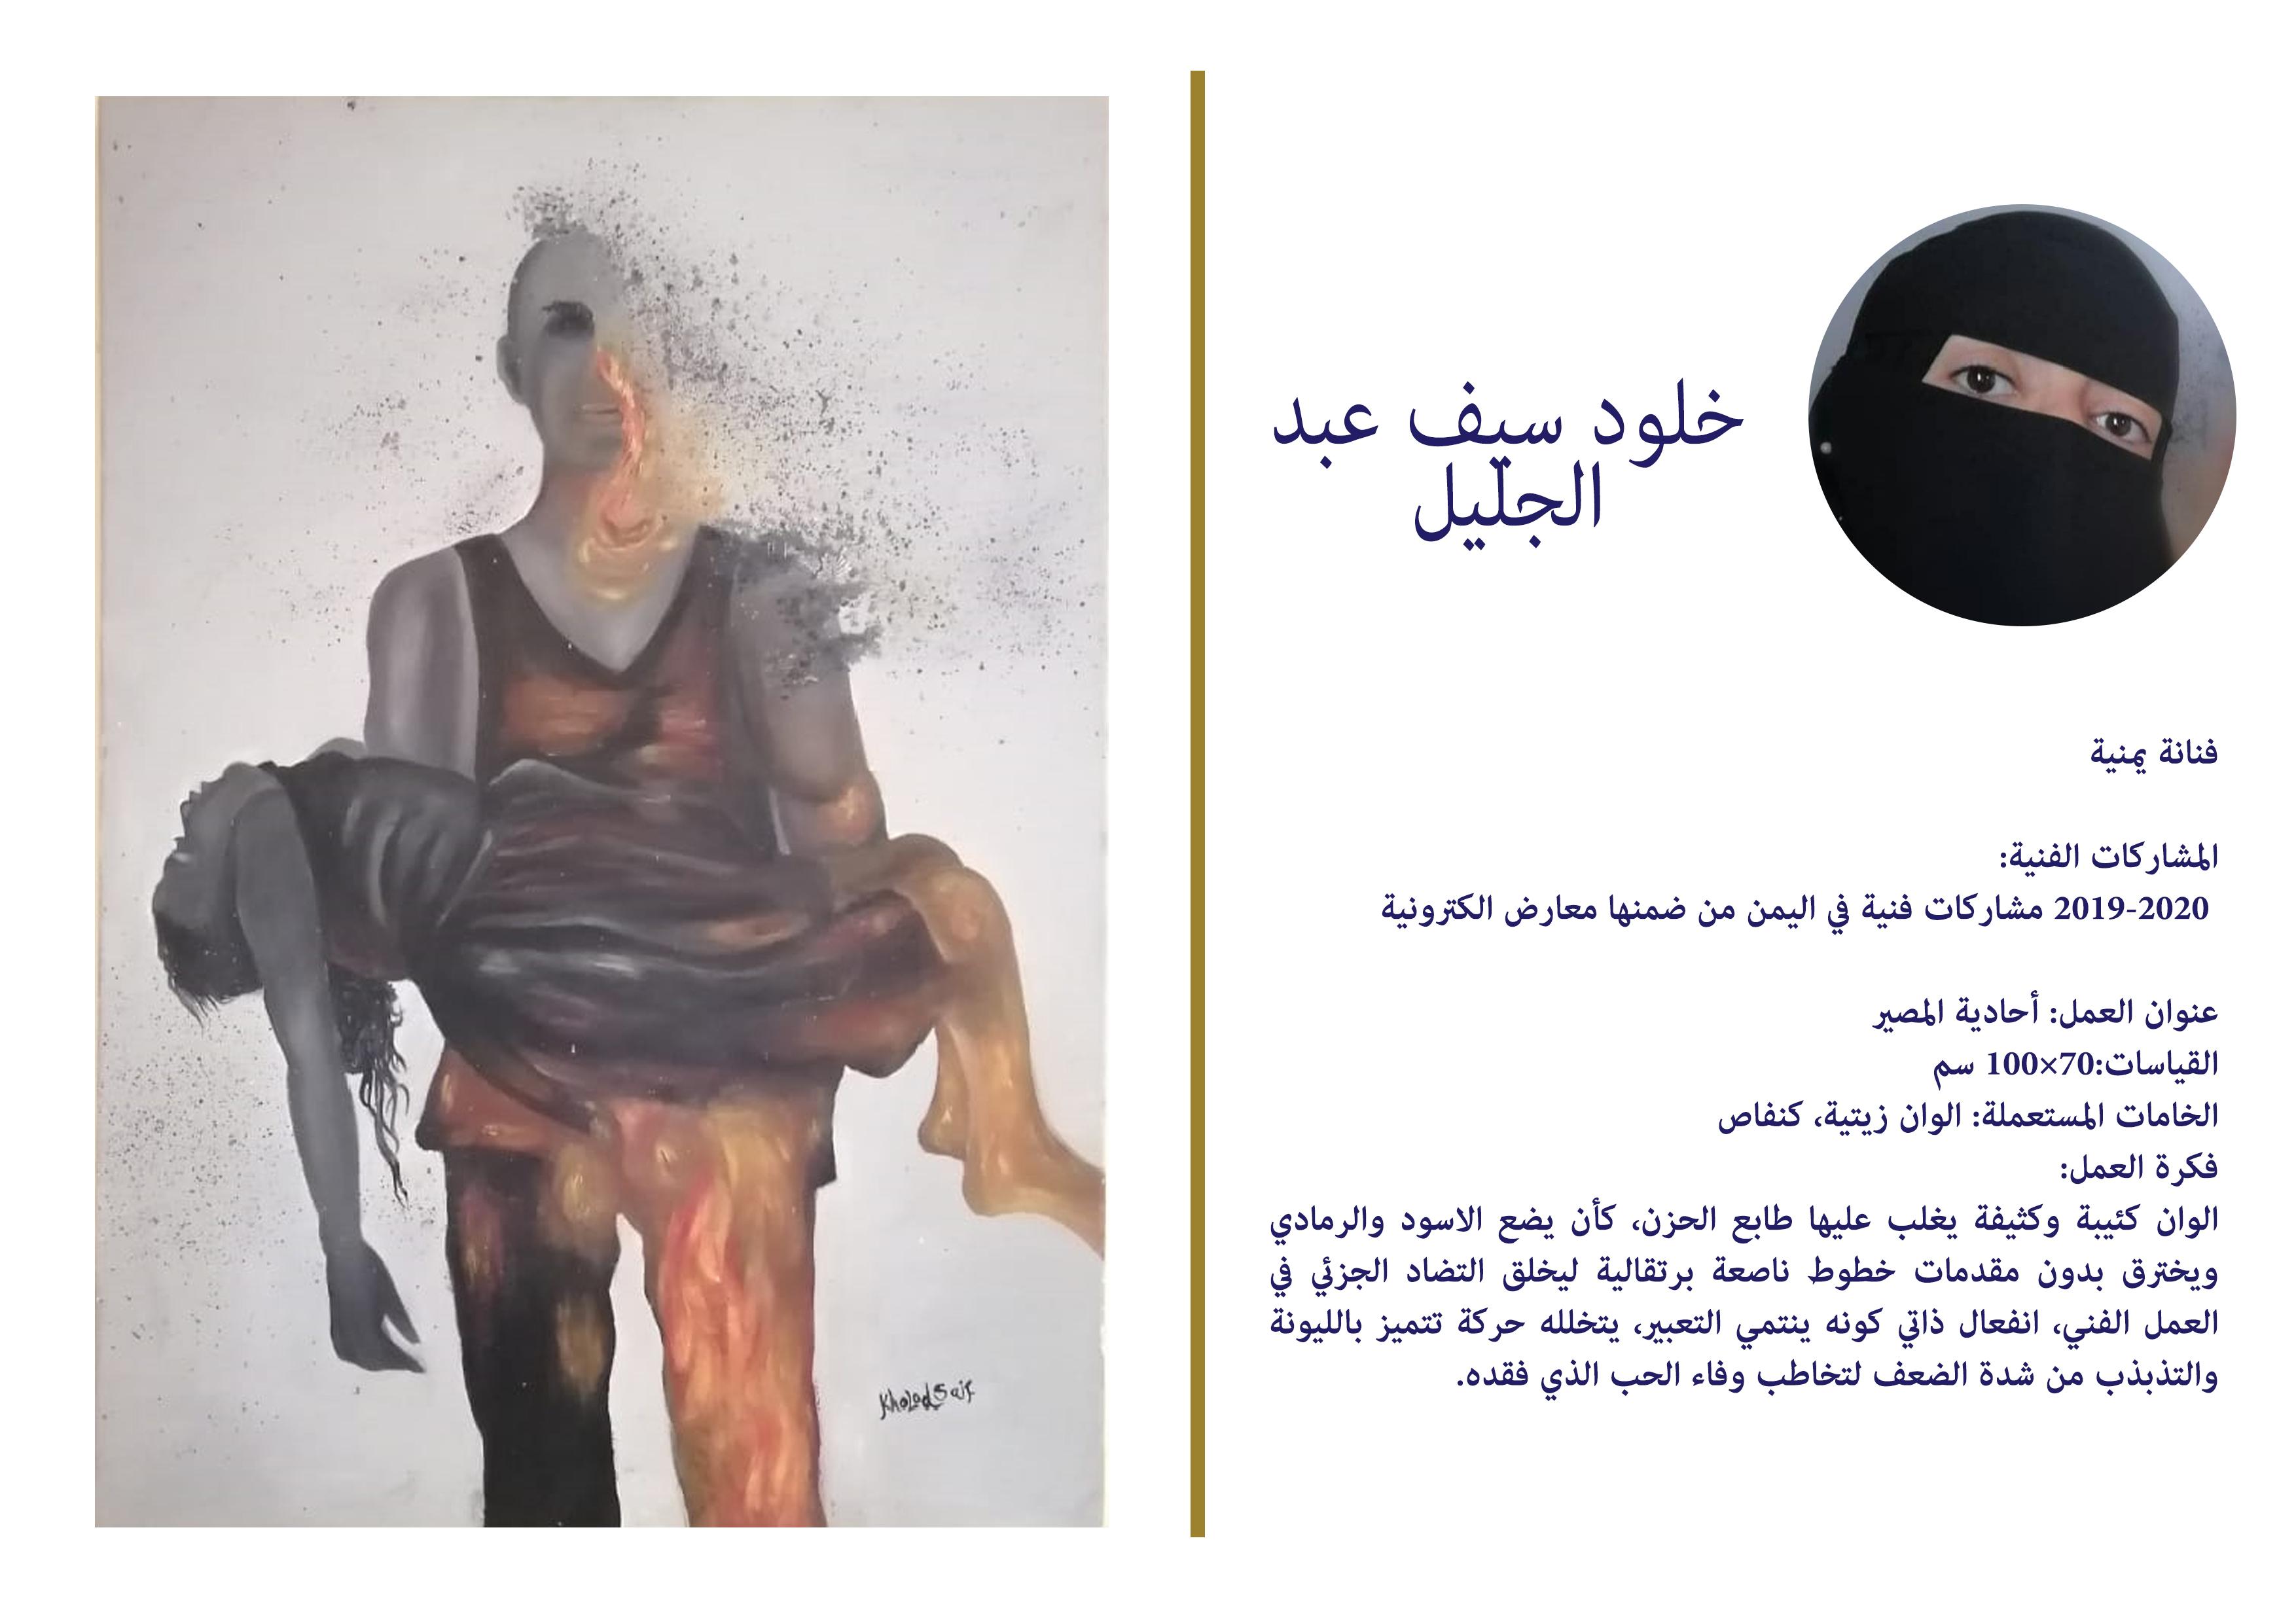 خلود سيف عبد الجليل